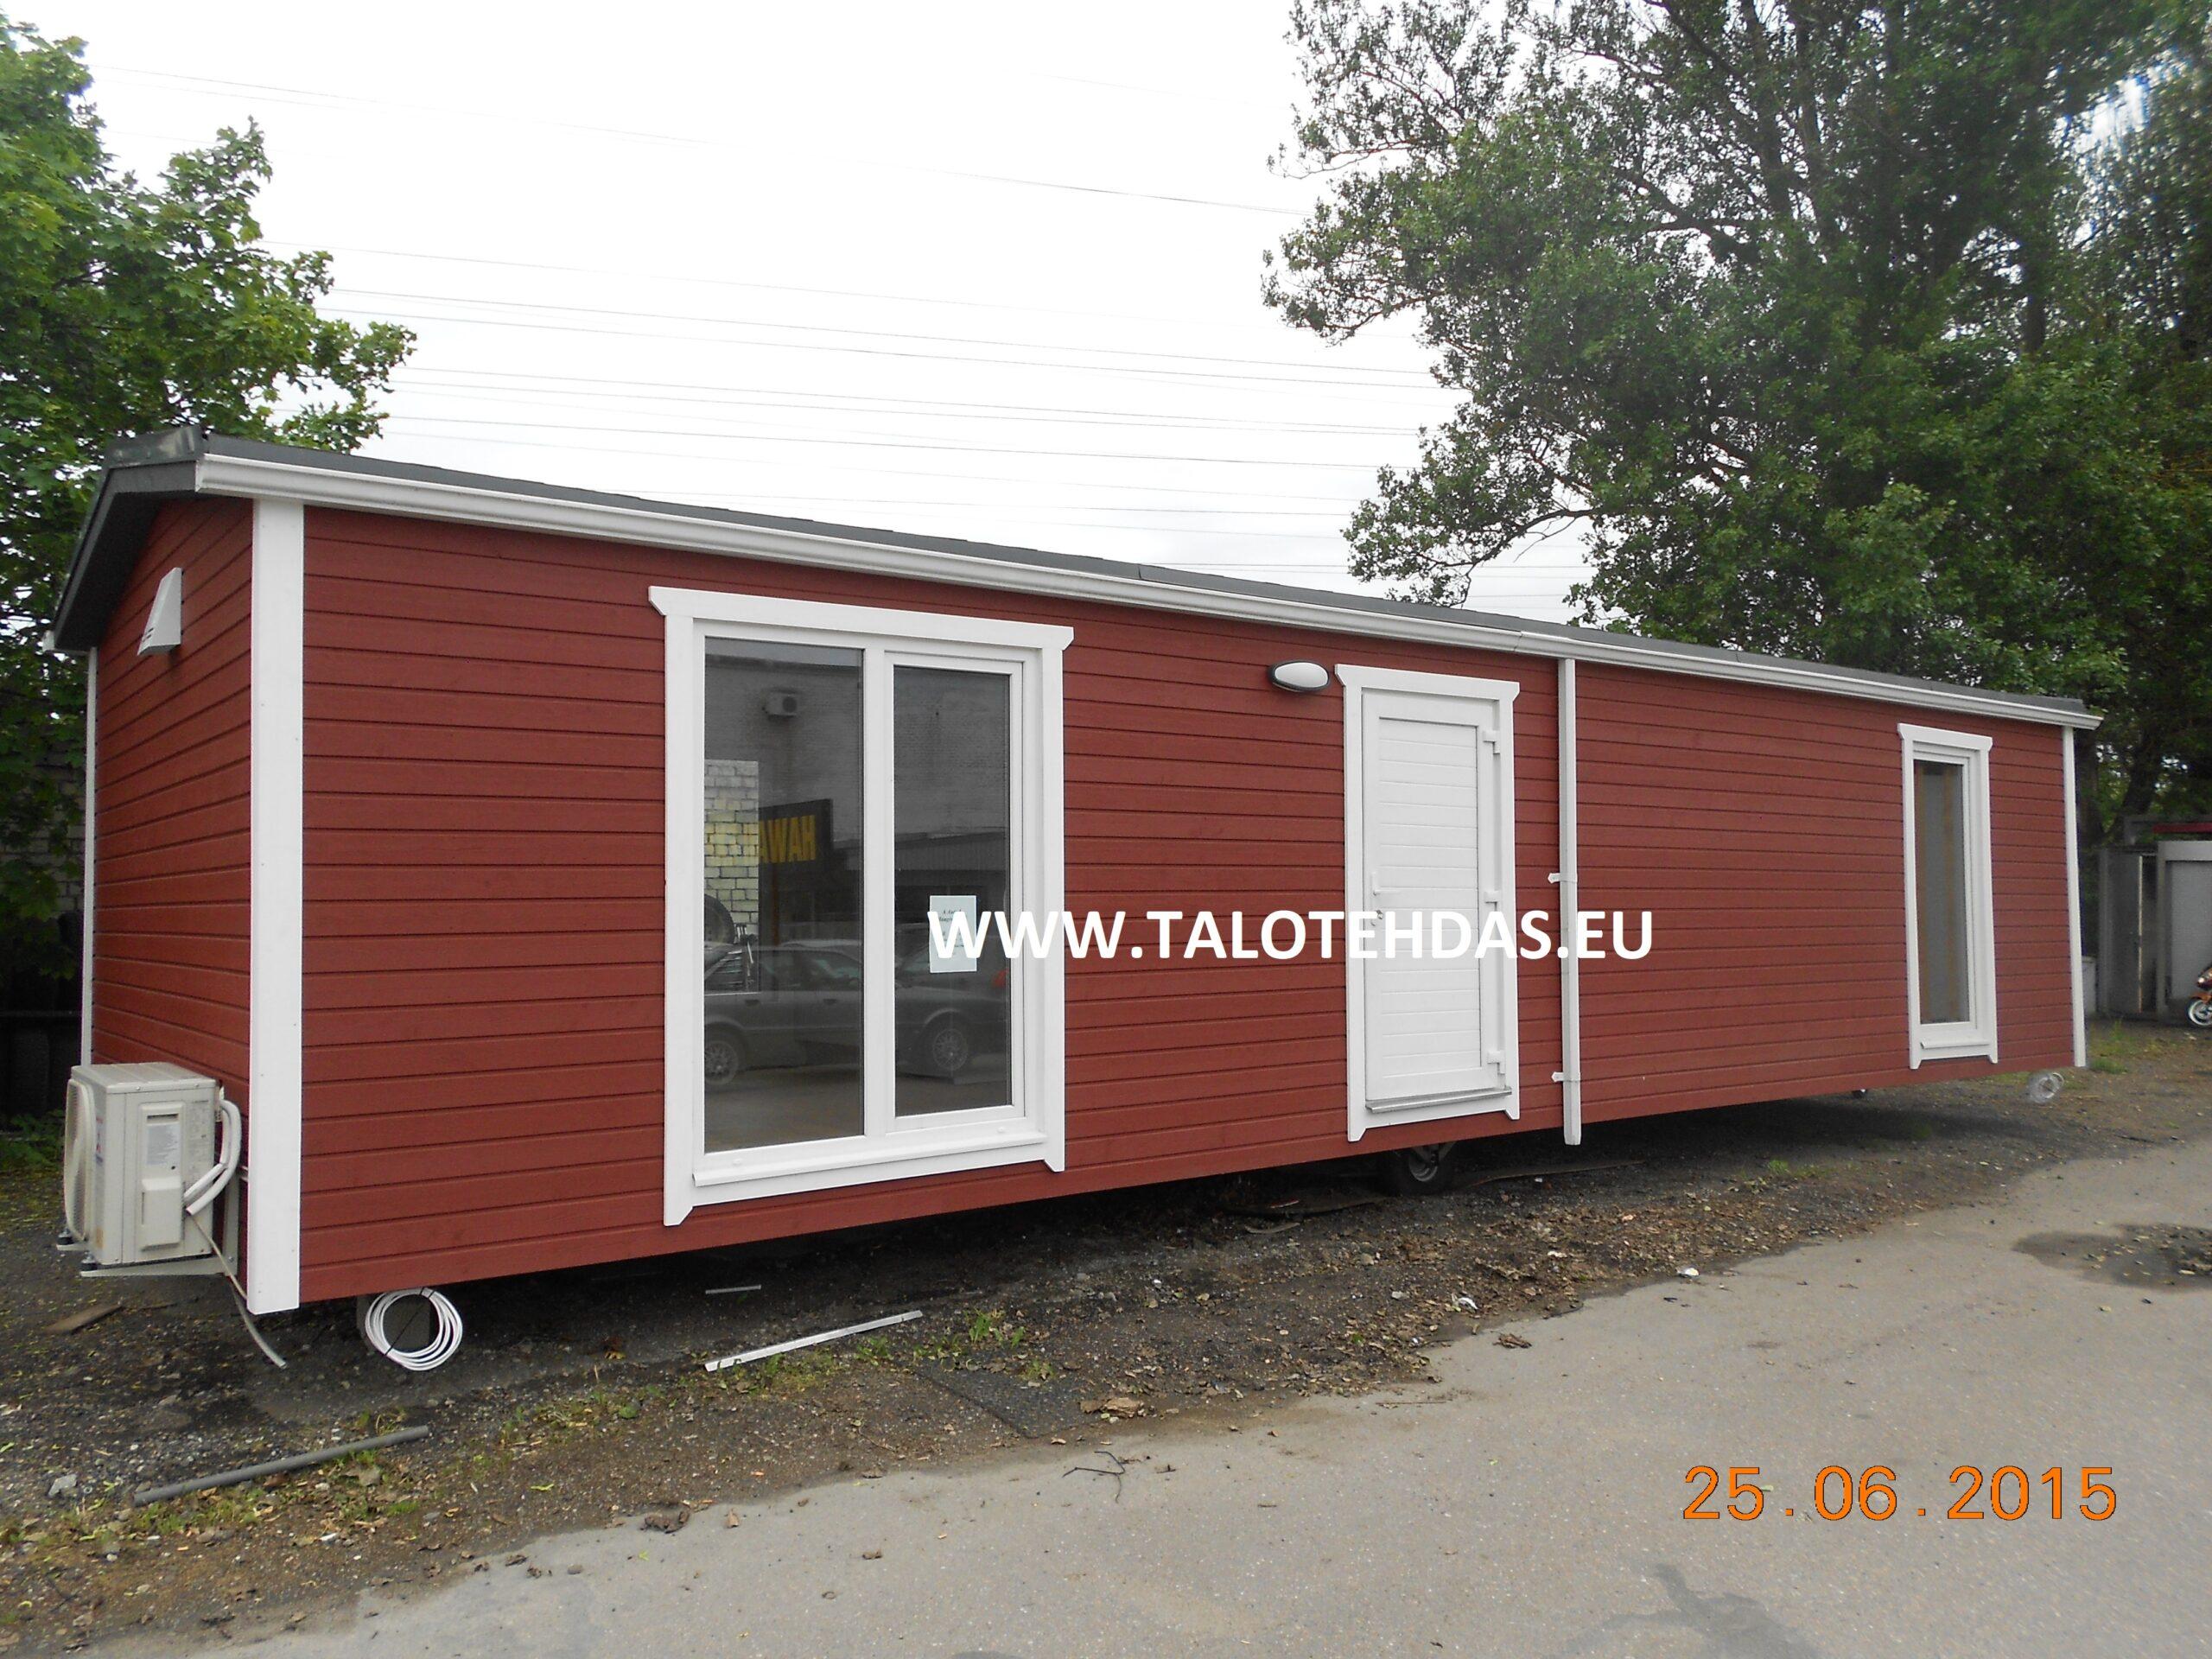 Talotehdas, talovaunu virosta, talovaunu, Myydään talovaunu, siirrettävä talo, muuttovalmis, mökki pyörillä